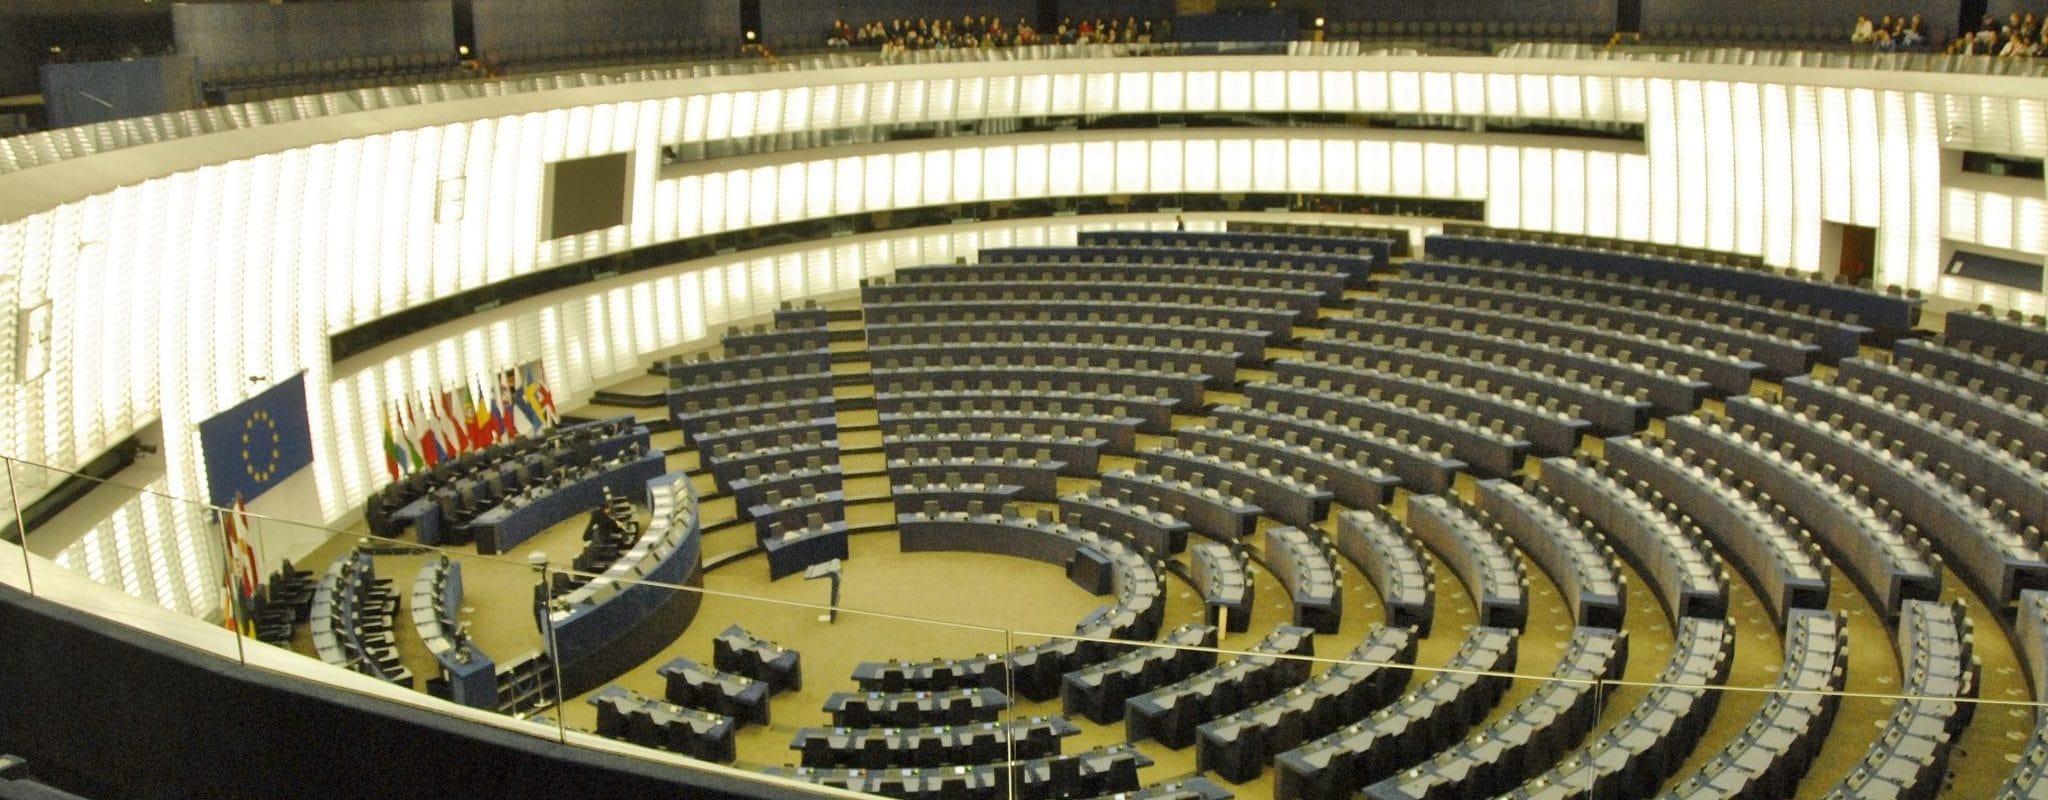 Que se passe-t-il au Parlement européen en dehors des sessions? Le mystère.